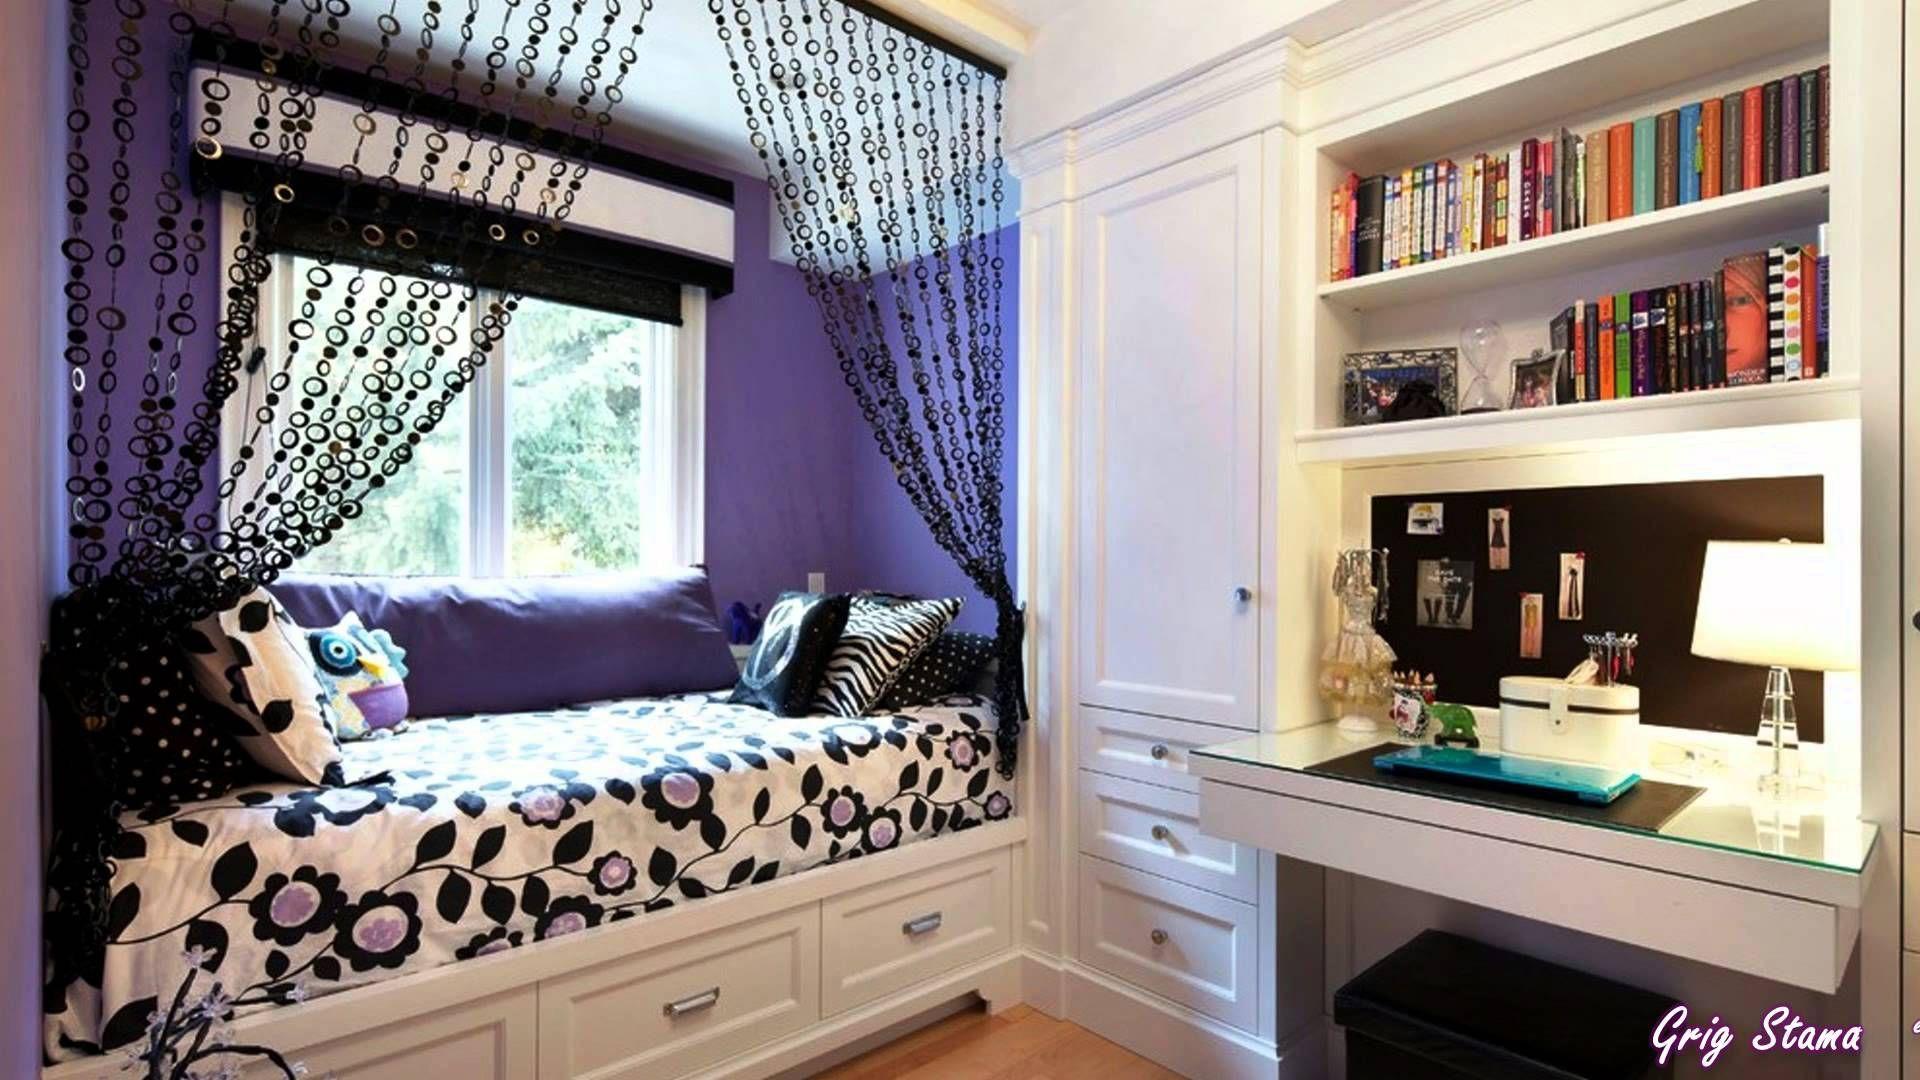 Bedroom Ideas For Teenage Girls Tumblr Simple